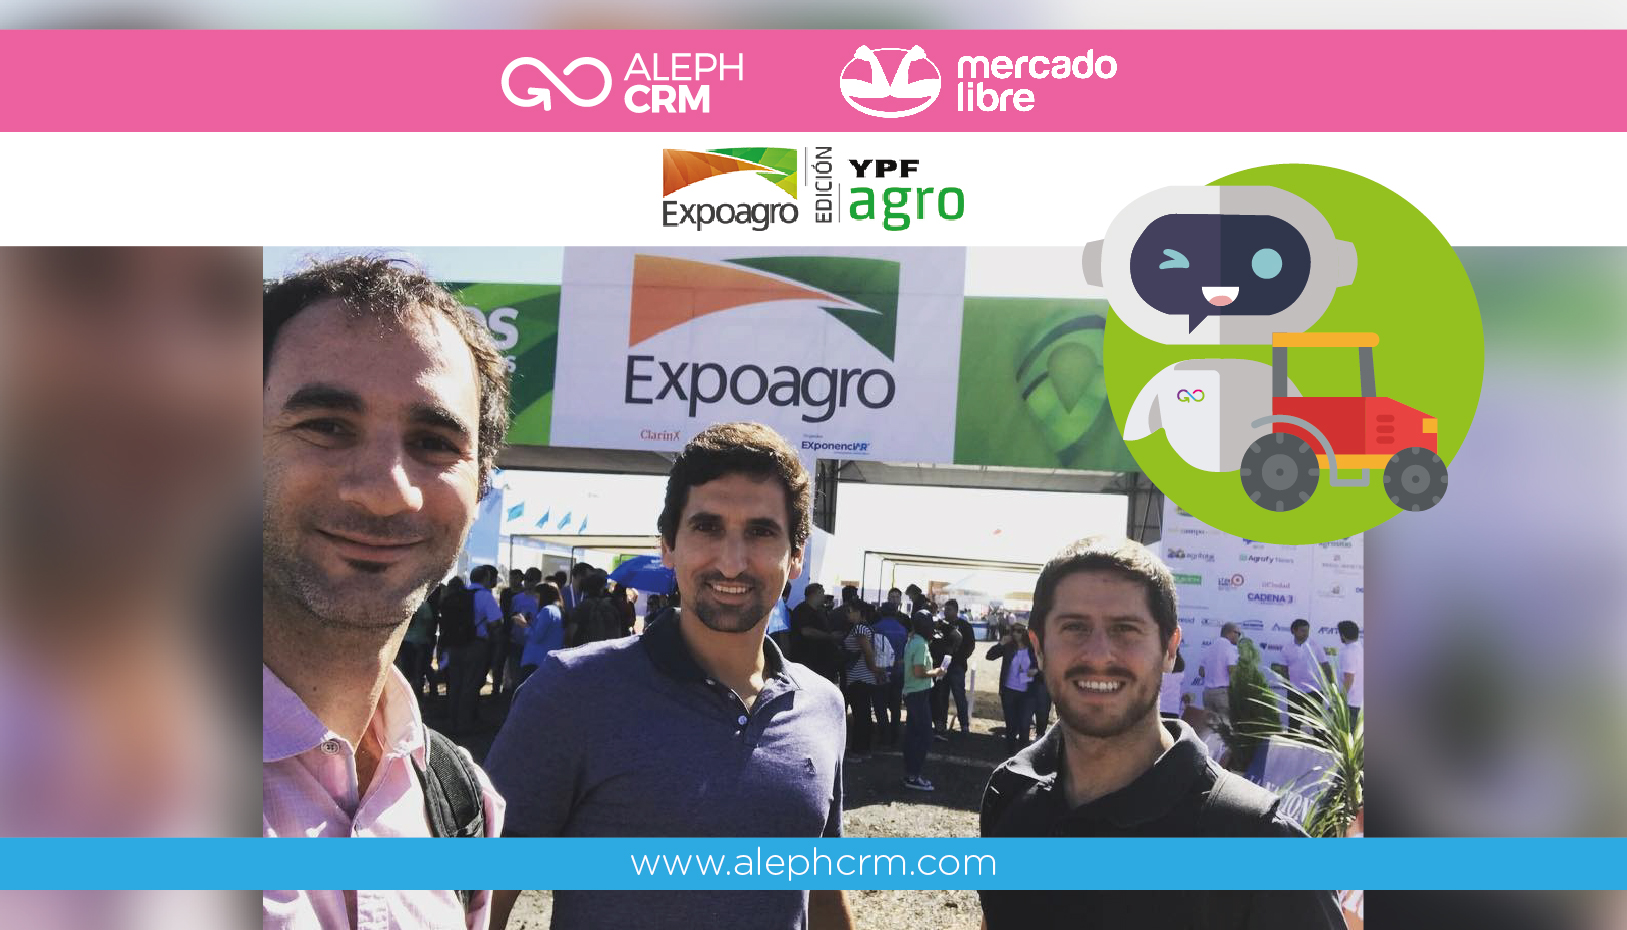 Aleph Solutions y Mercado Libre le dan la bienvenida a la industria agrícola, en la nueva era del comercio electrónico